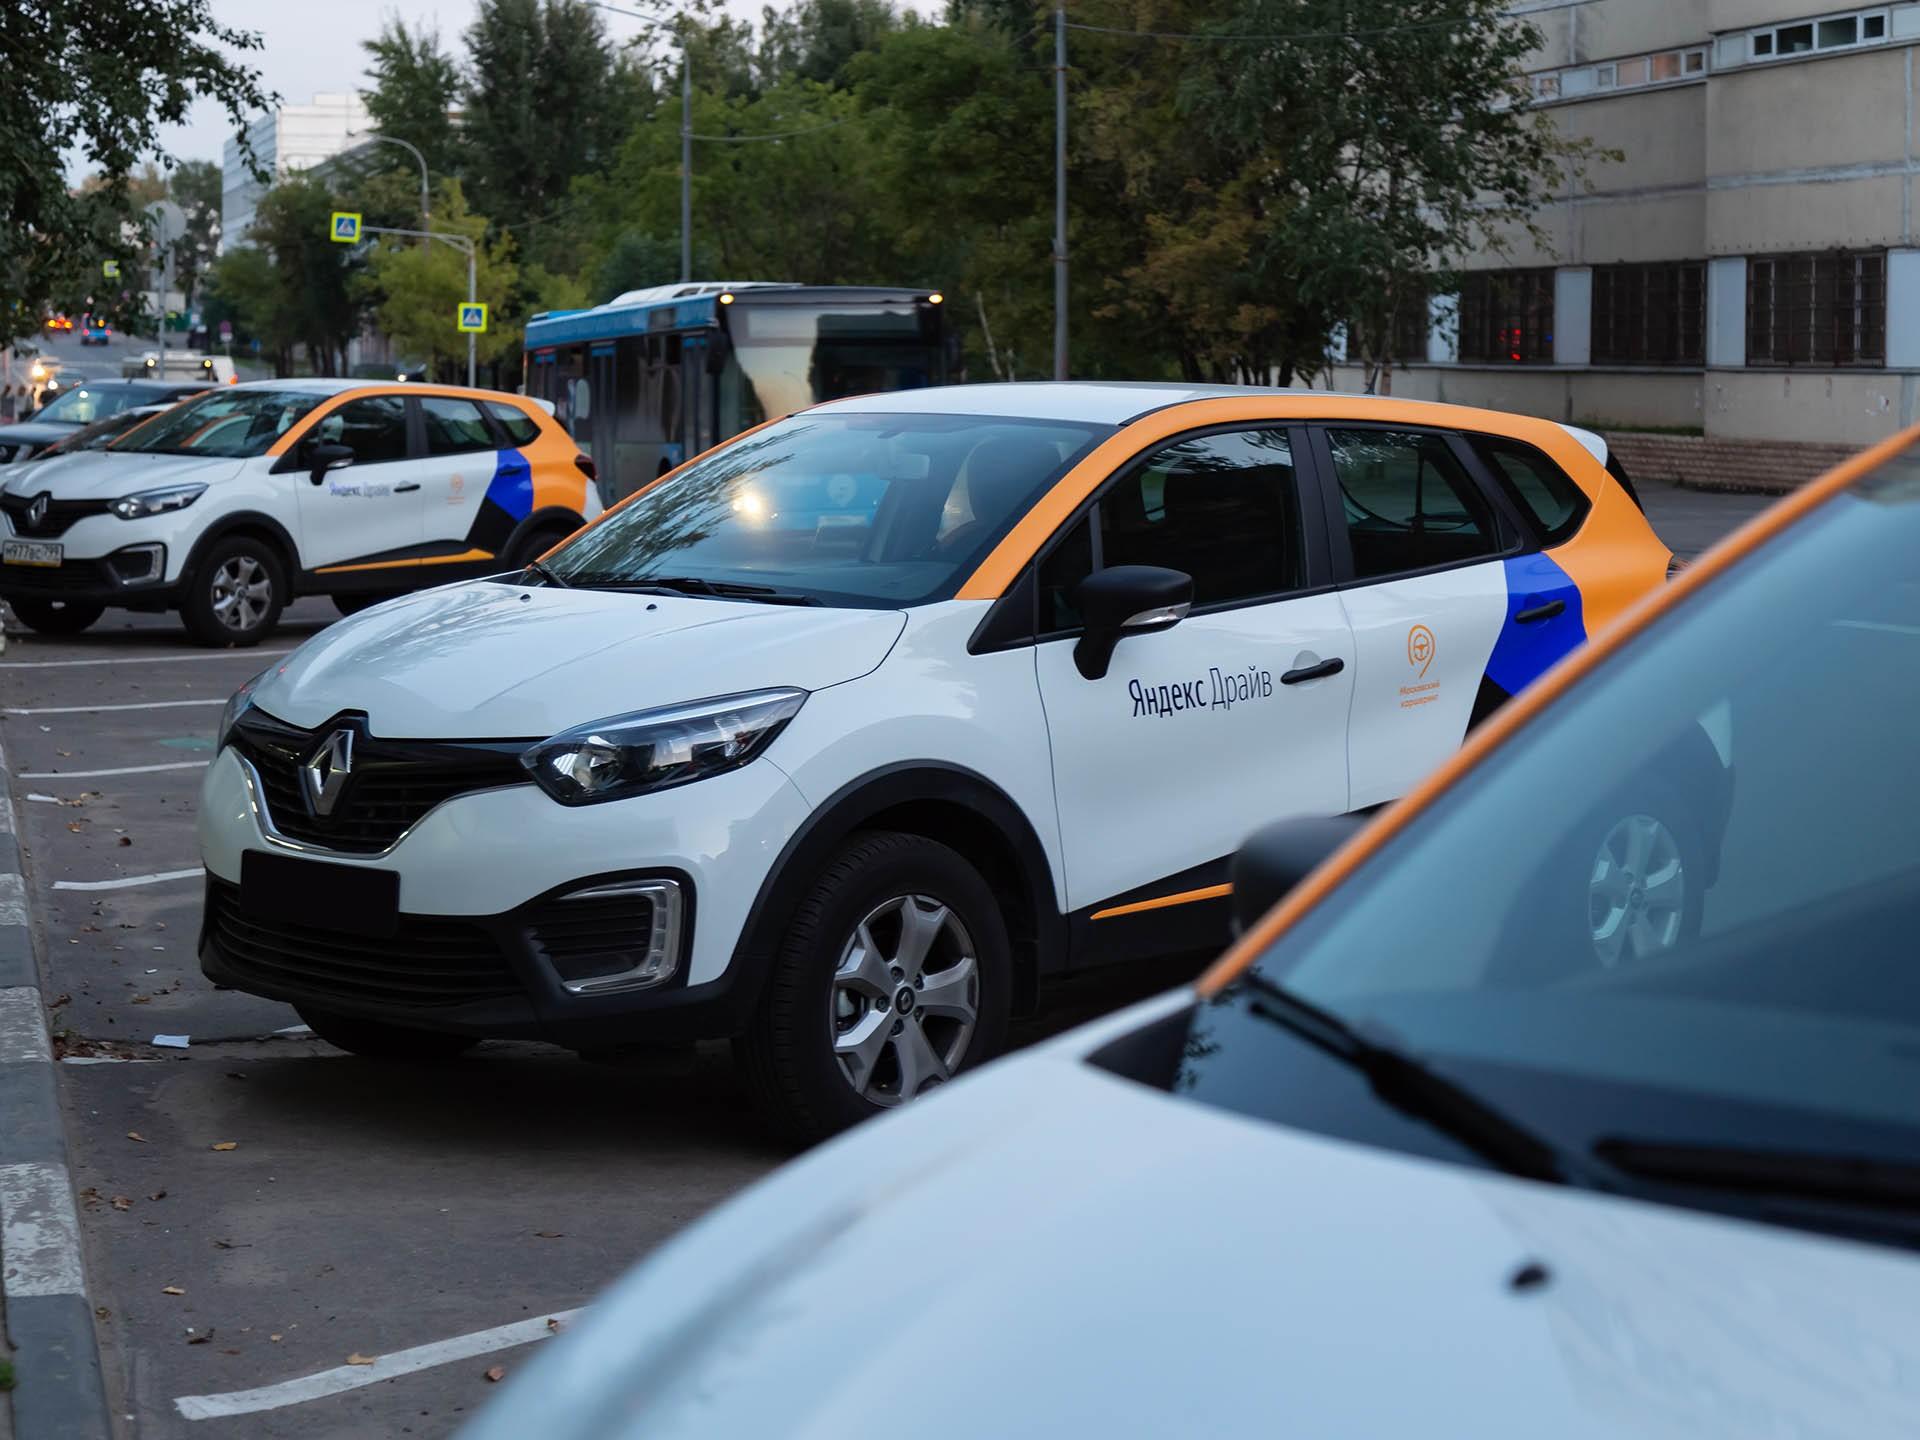 Авито Авто: как изменилось отношение россиян к каршерингу на фоне пандемии